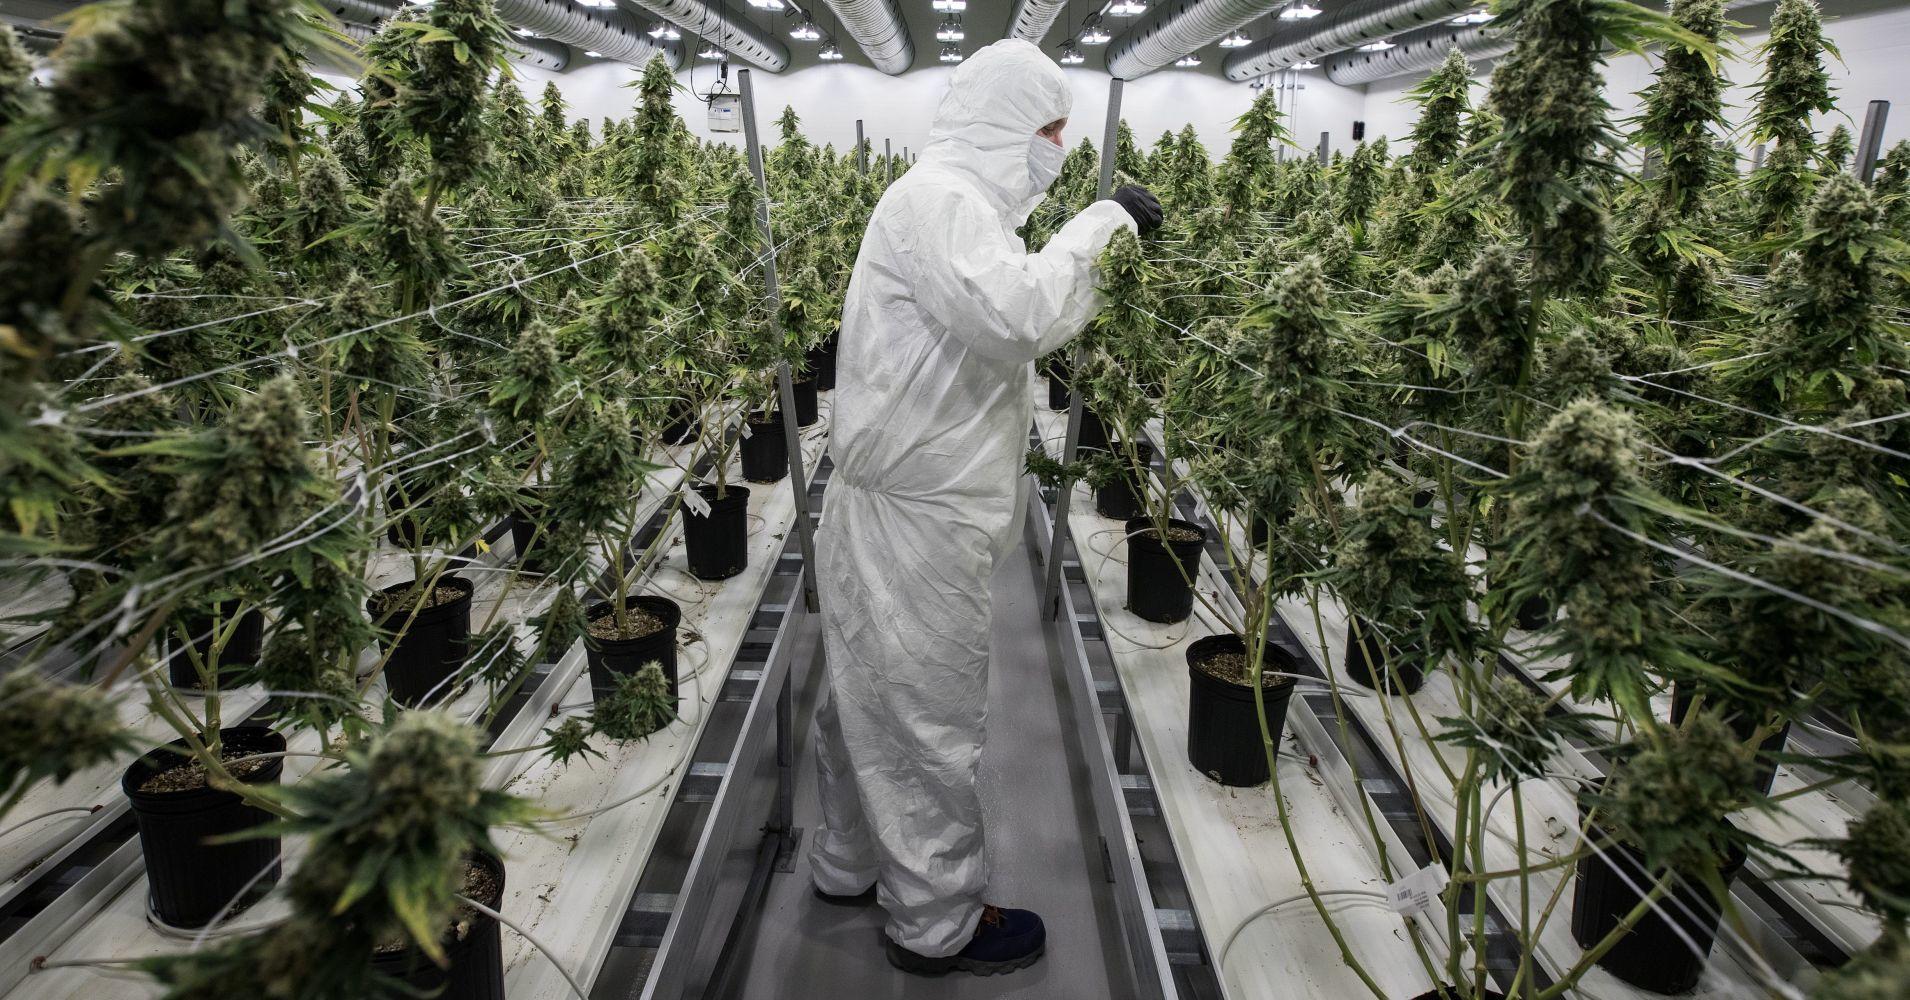 Вырастить семена конопли фото марихуаны под микроскопом